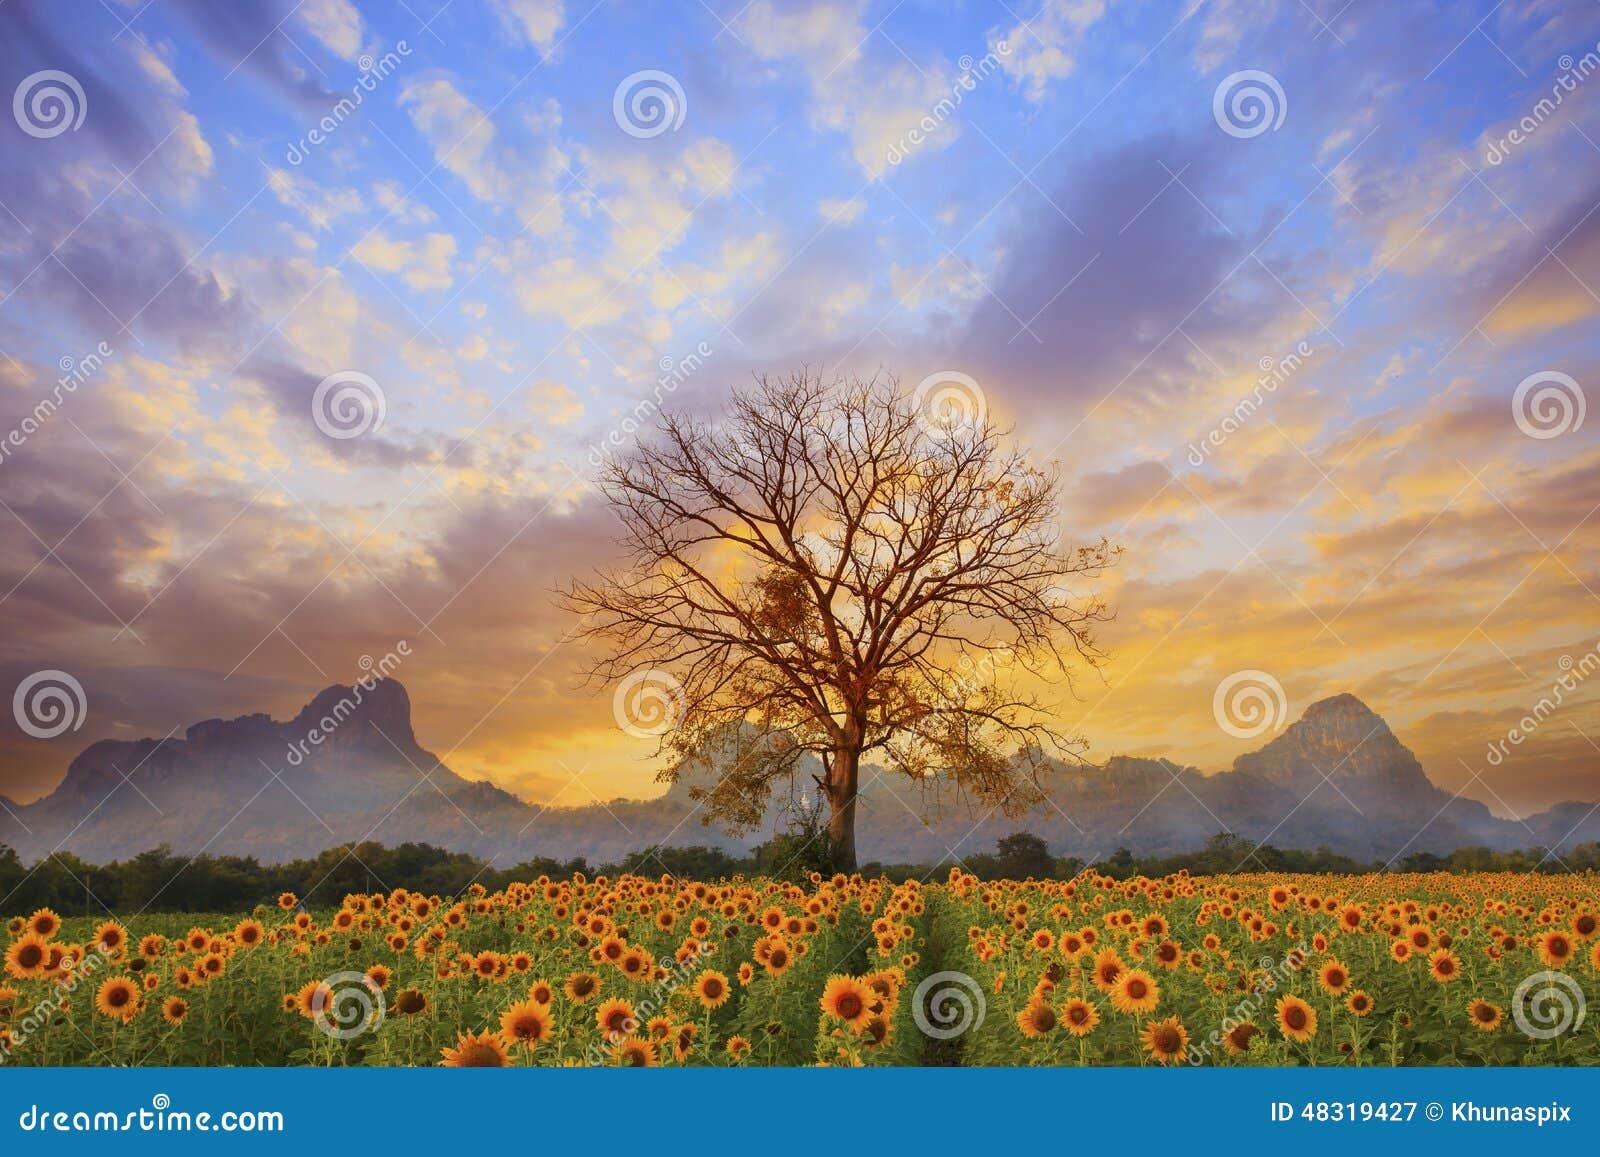 El paisaje hermoso de la rama de árbol seca y el campo de flores del sol contra el cielo oscuro de la tarde colorida utilizan com